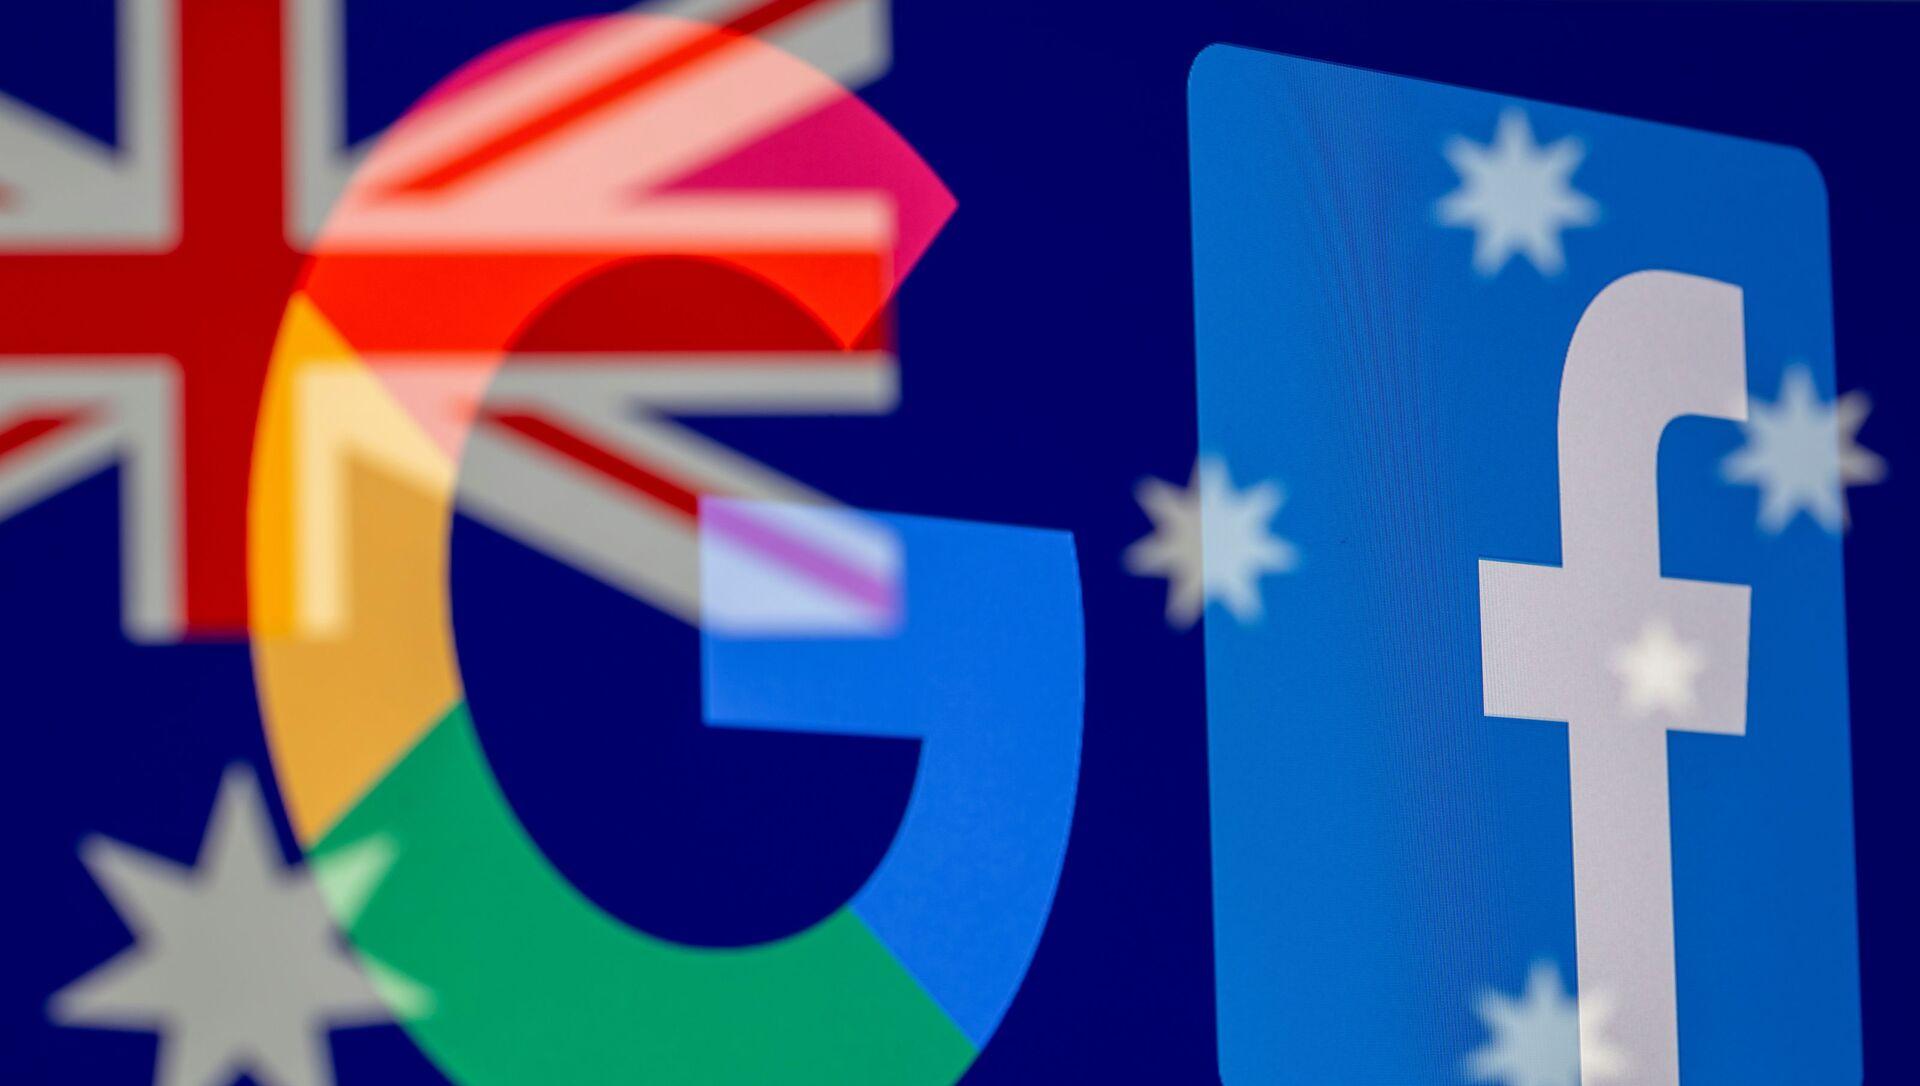 Avustralya bayrağı önünde Google ve Facebook logoları - Sputnik Türkiye, 1920, 19.02.2021